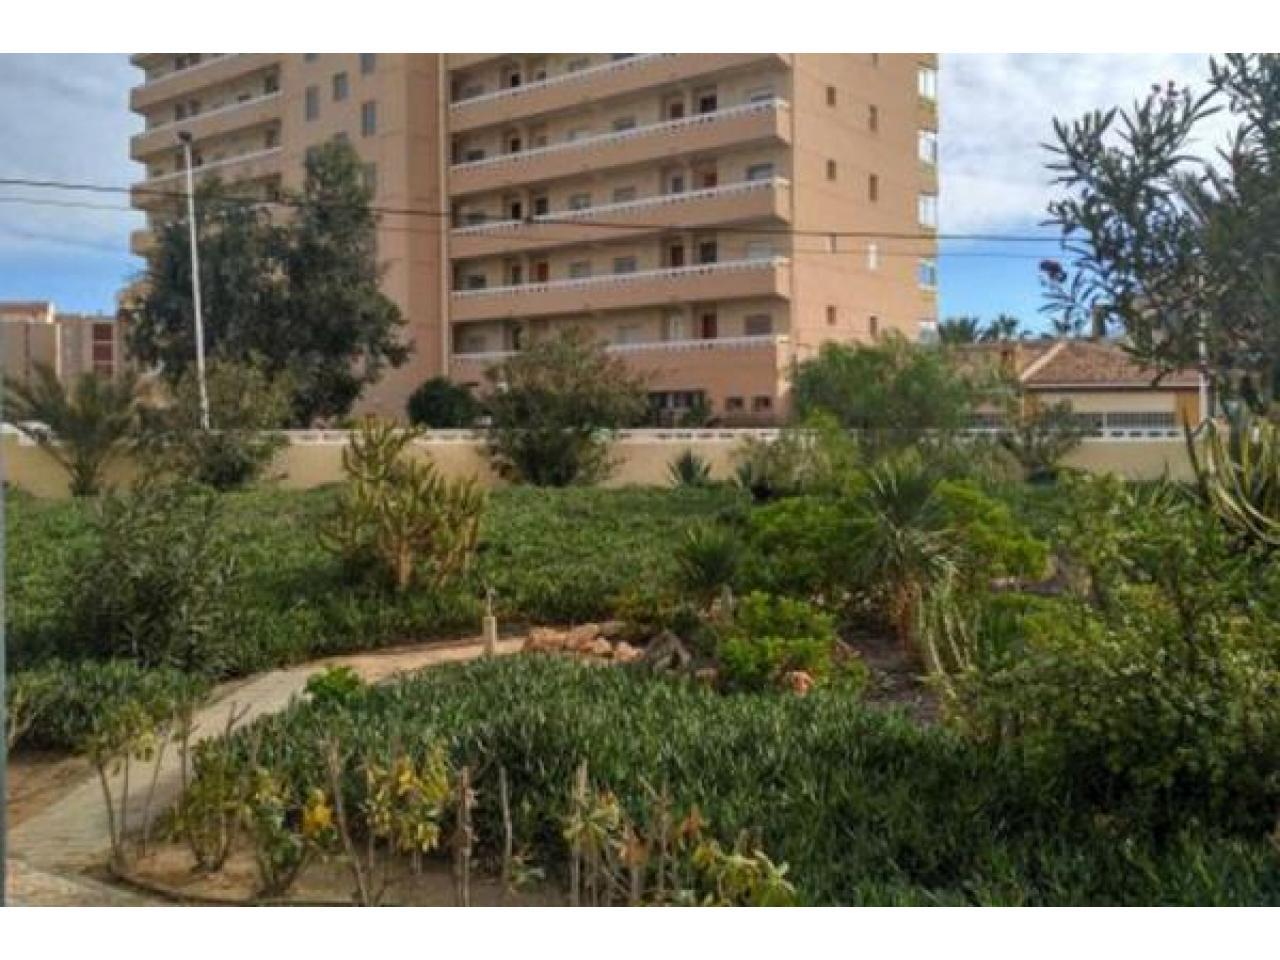 Недвижимость в Испании, Новые квартиры рядом с пляжем от застройщика в Ла Мата,Торревьеха - 1